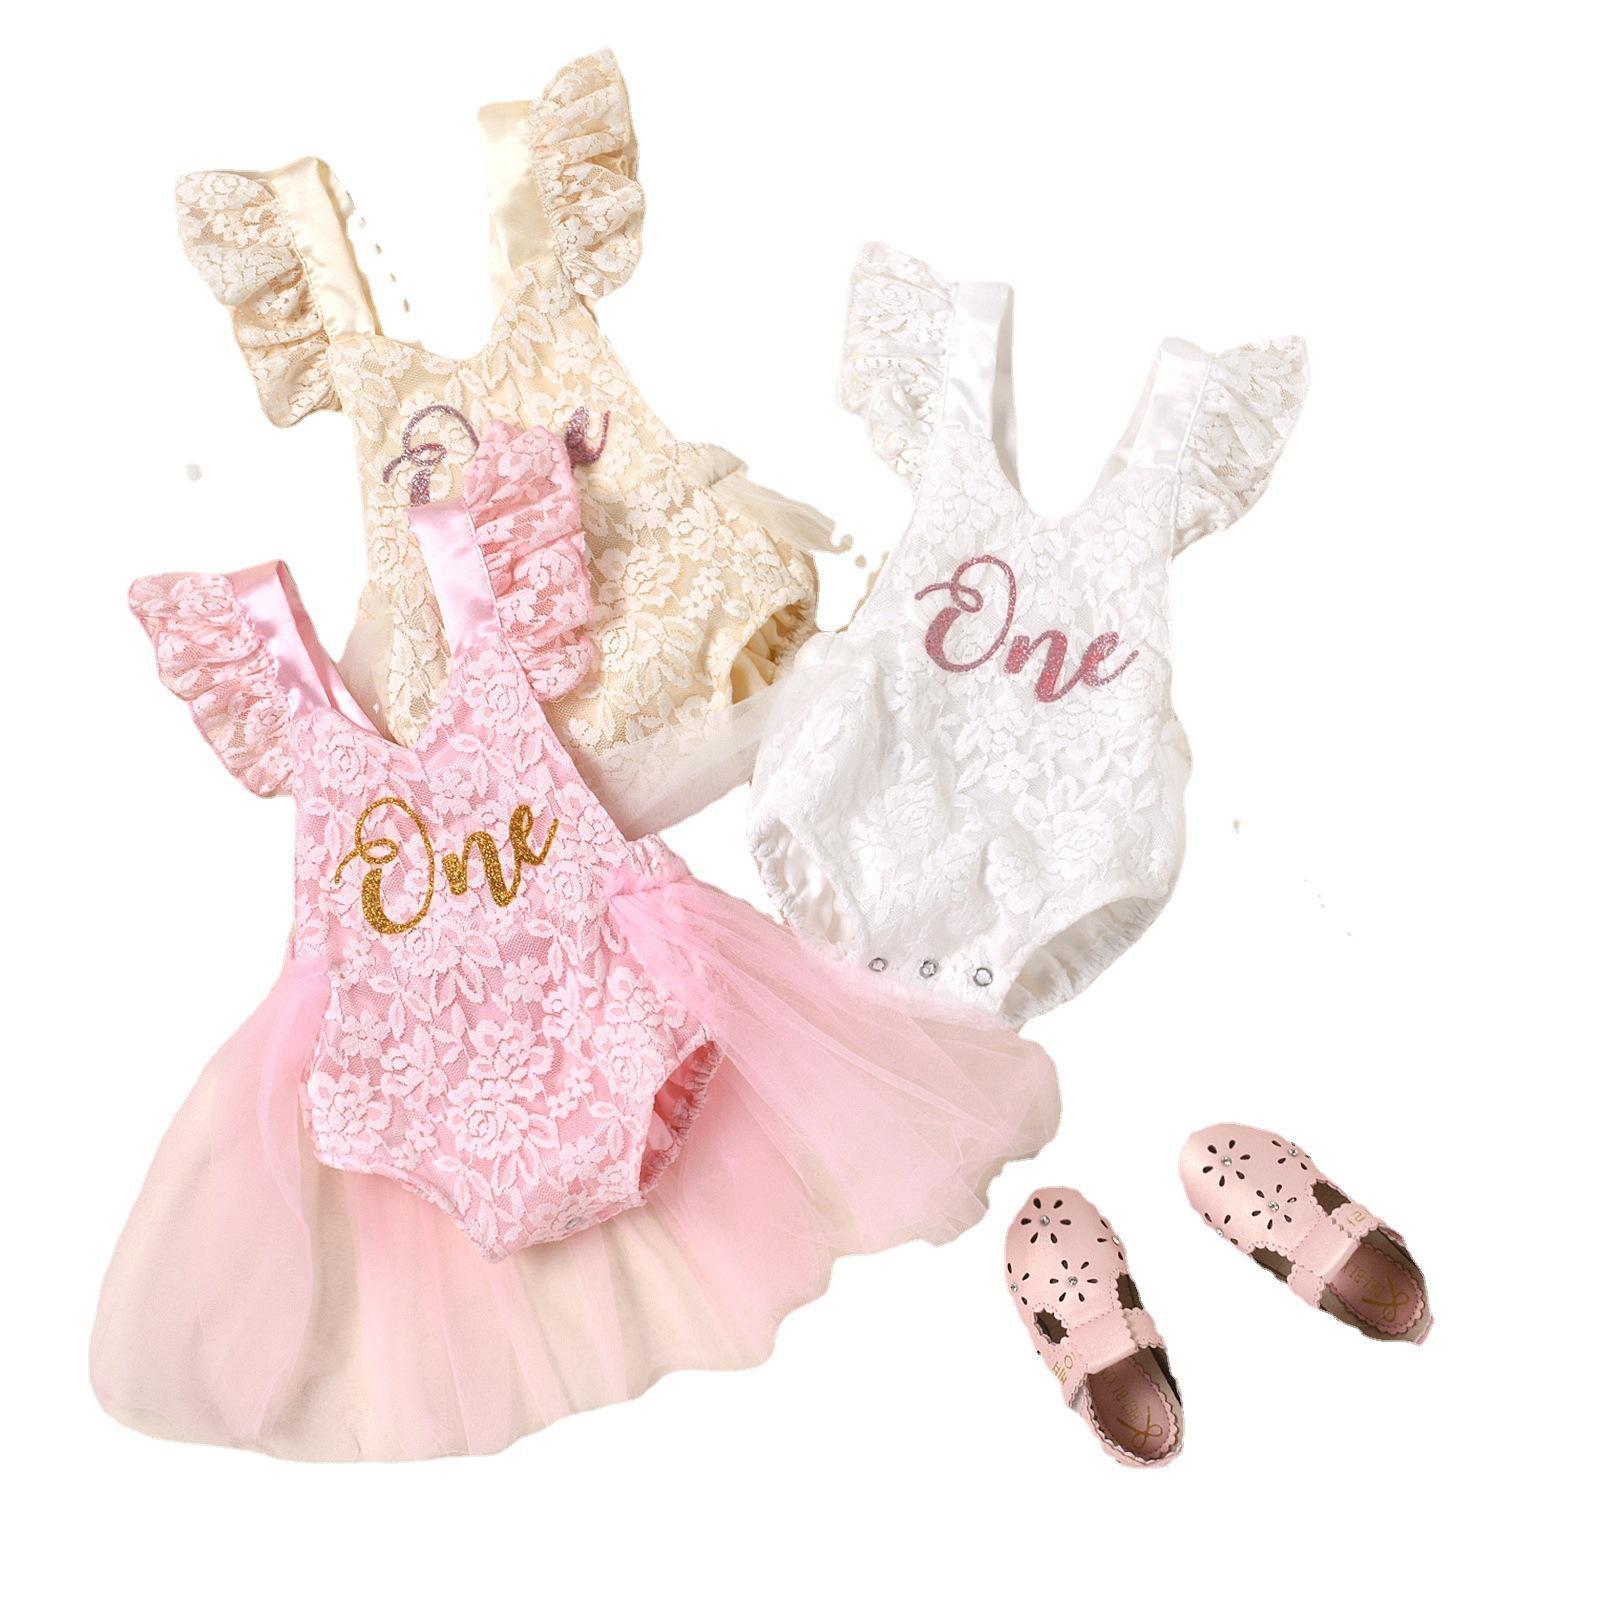 التجزئة / الجملة الوليد الطفل بنات تحلق كم الرباط شبكة رومبير اللباس الرضع الاطفال أزياء لطيف قطعة واحدة نيسيس حللا الأطفال تصميم الملابس